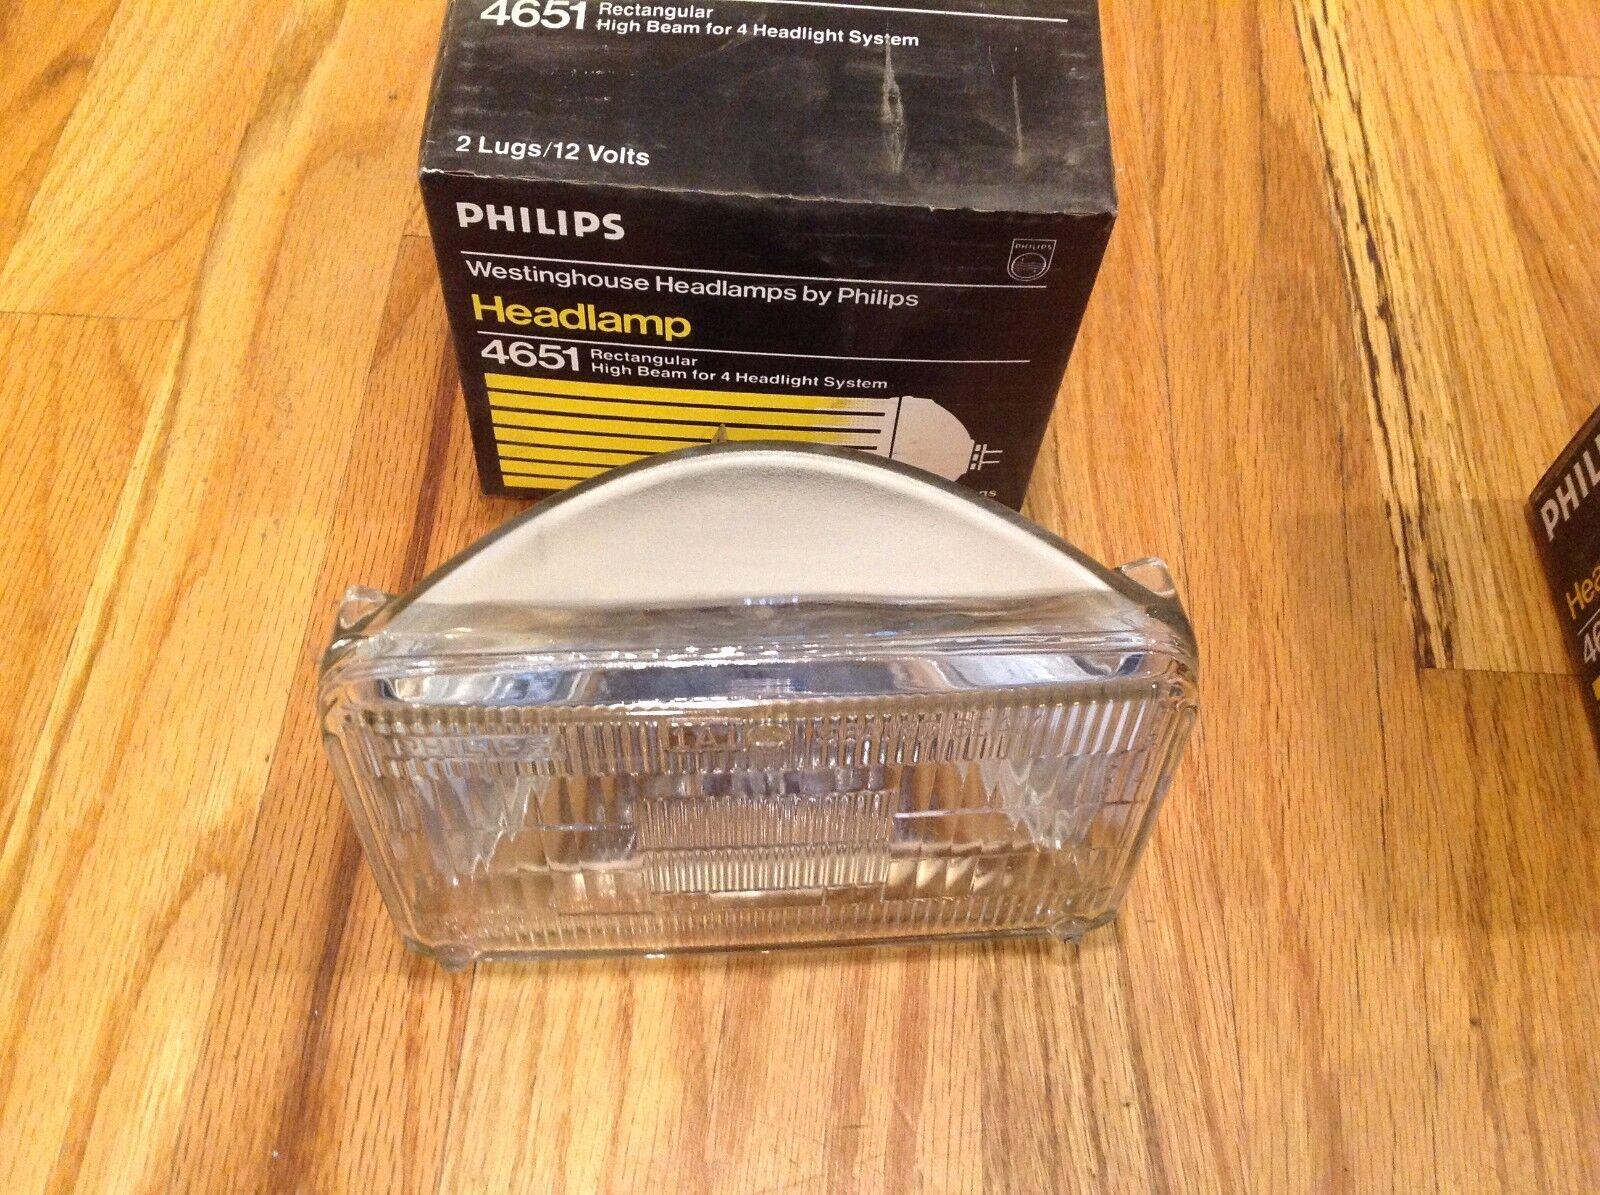 NEW Philips 4651 Rectangular High Beam Headlamp 12V  *FREE SHIPPING*